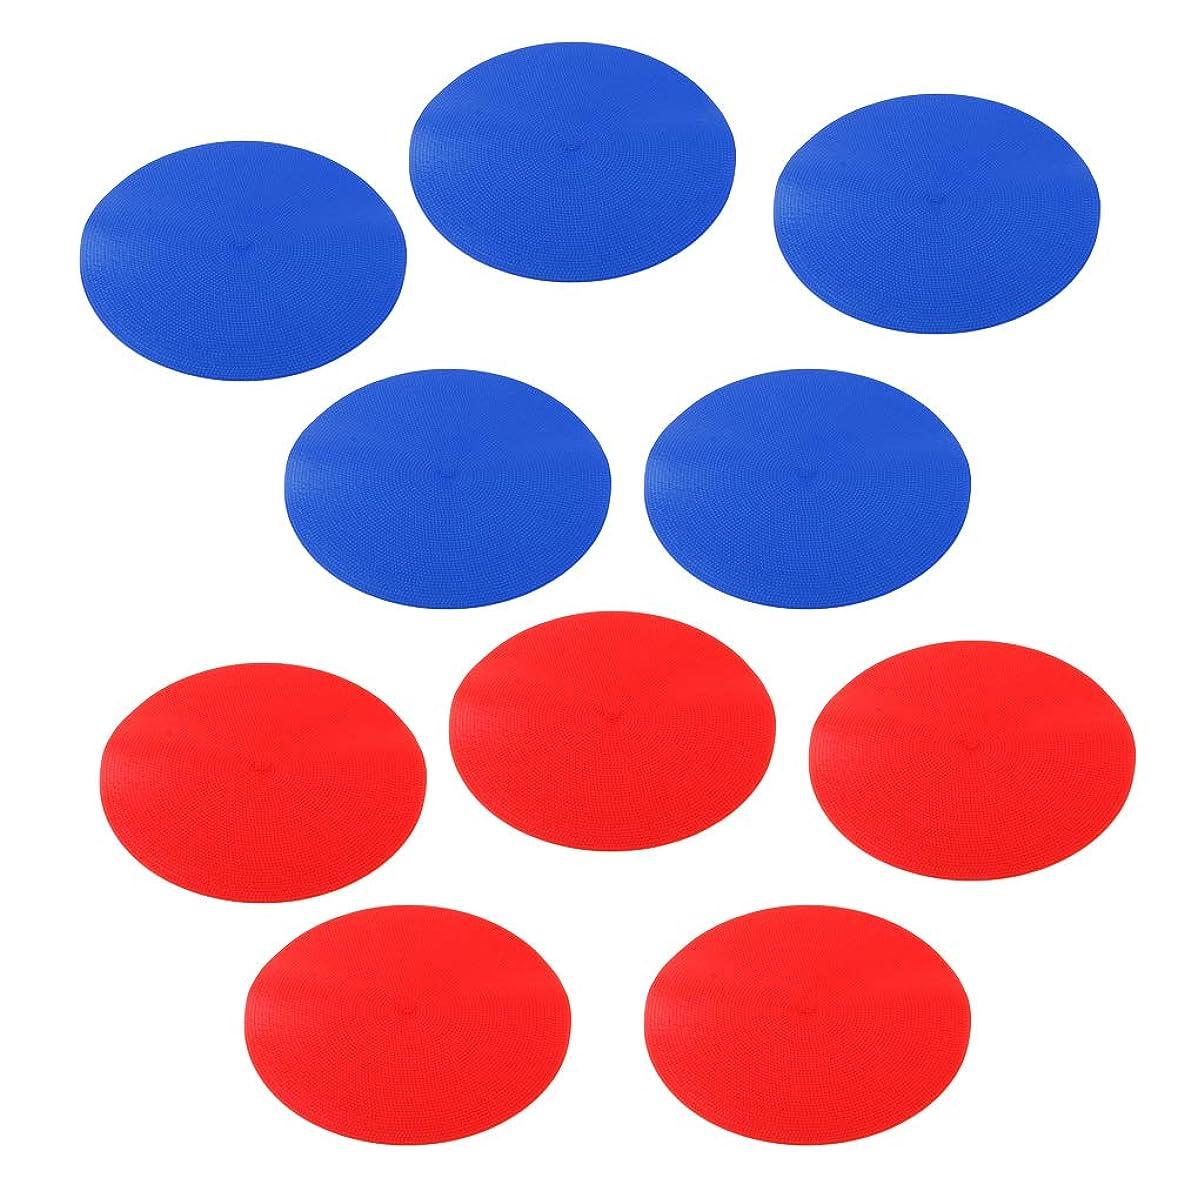 あいさつほとんどの場合のホストPerfeclan フラットマーカー スポットマーカー 敏捷性のトレーニング用 10枚 ブルー&レッド